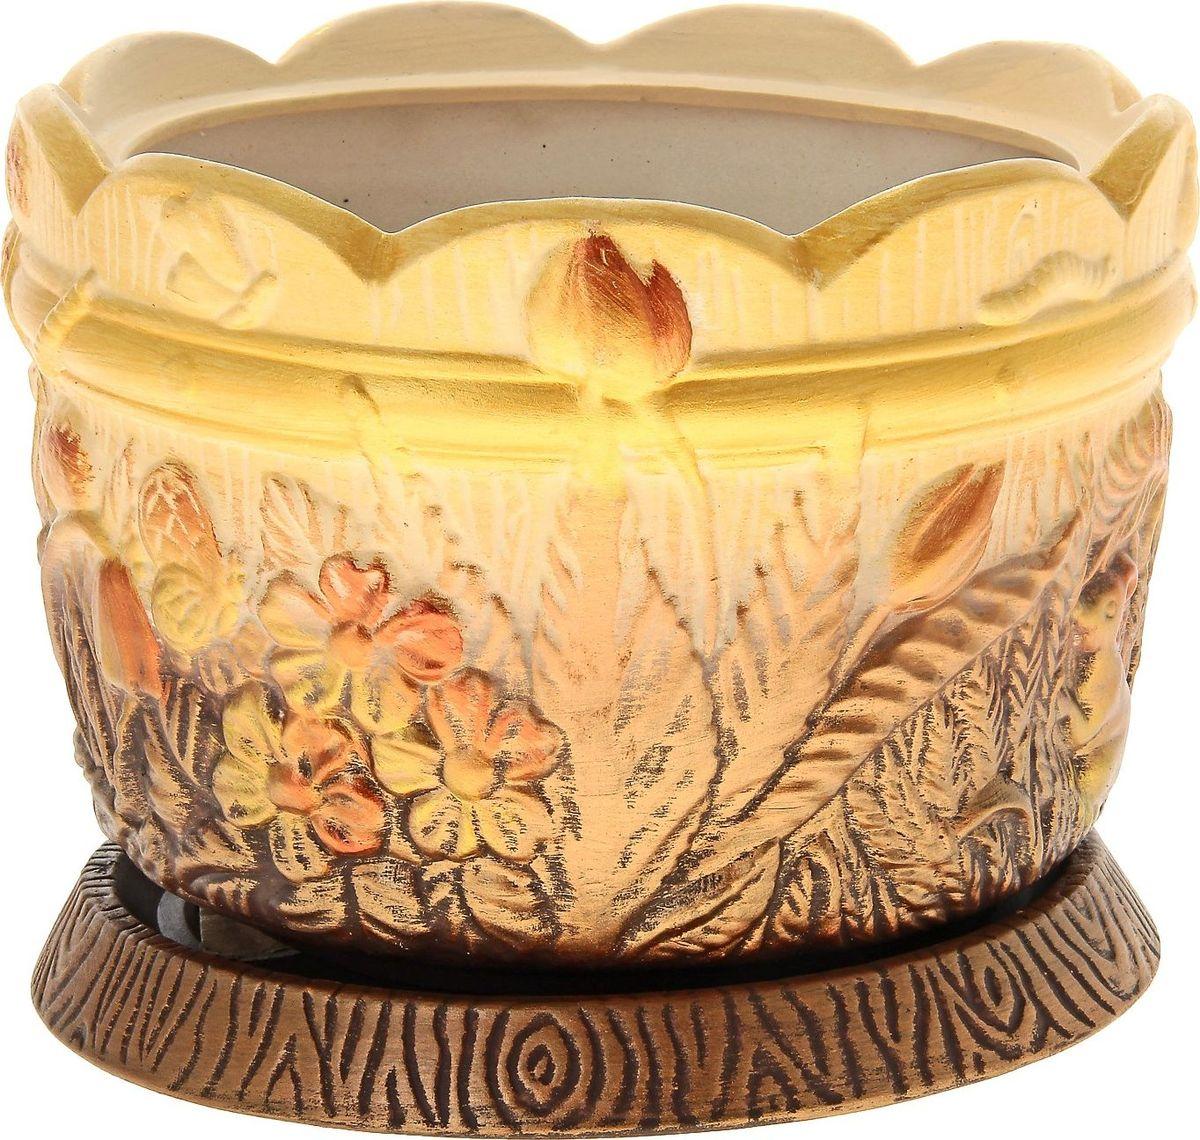 Кашпо Керамика ручной работы Поляна, цвет: медный, 3,5 л144224Комнатные растения — всеобщие любимцы. Они радуют глаз, насыщают помещение кислородом и украшают пространство. Каждому из них необходим свой удобный и красивый дом. Кашпо из керамики прекрасно подходят для высадки растений: за счёт пластичности глины и разных способов обработки существует великое множество форм и дизайновпористый материал позволяет испаряться лишней влагевоздух, необходимый для дыхания корней, проникает сквозь керамические стенки! #name# позаботится о зелёном питомце, освежит интерьер и подчеркнёт его стиль.